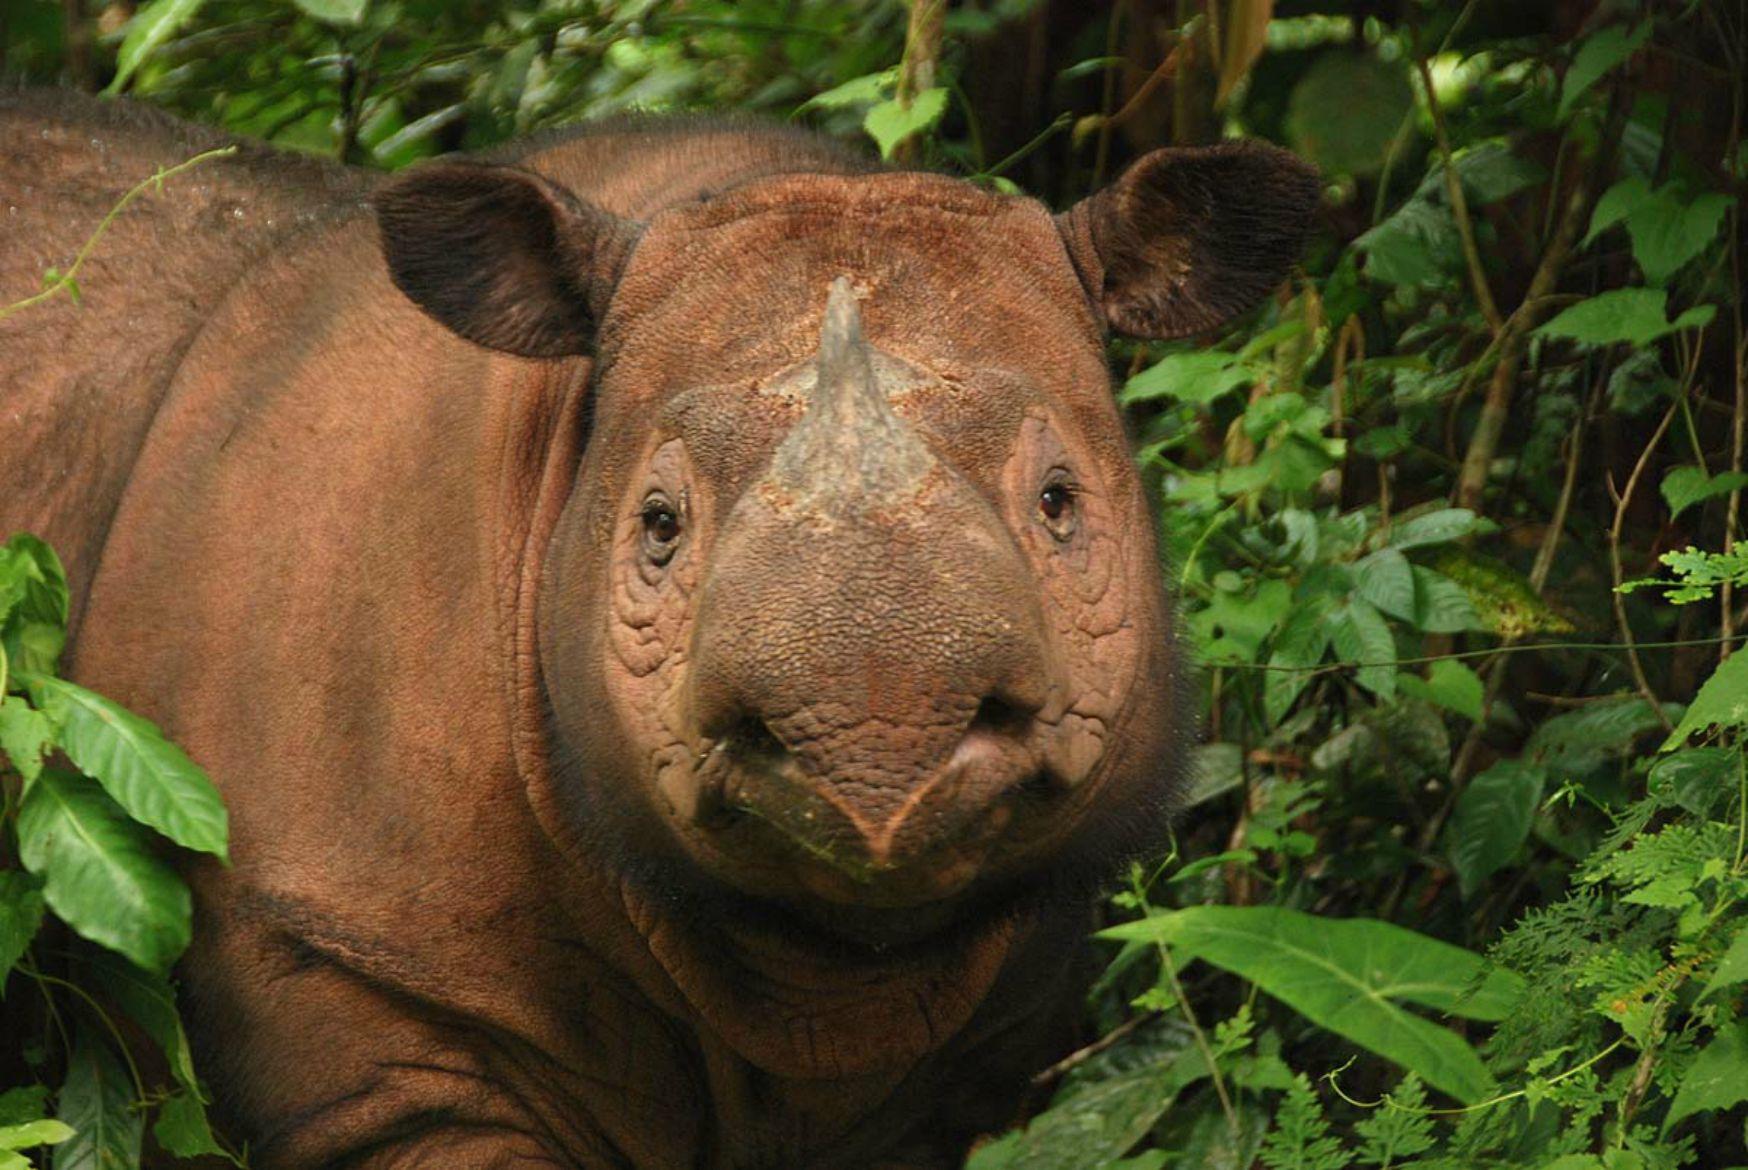 sumatranskiy nosorog3 Суматранский носорог